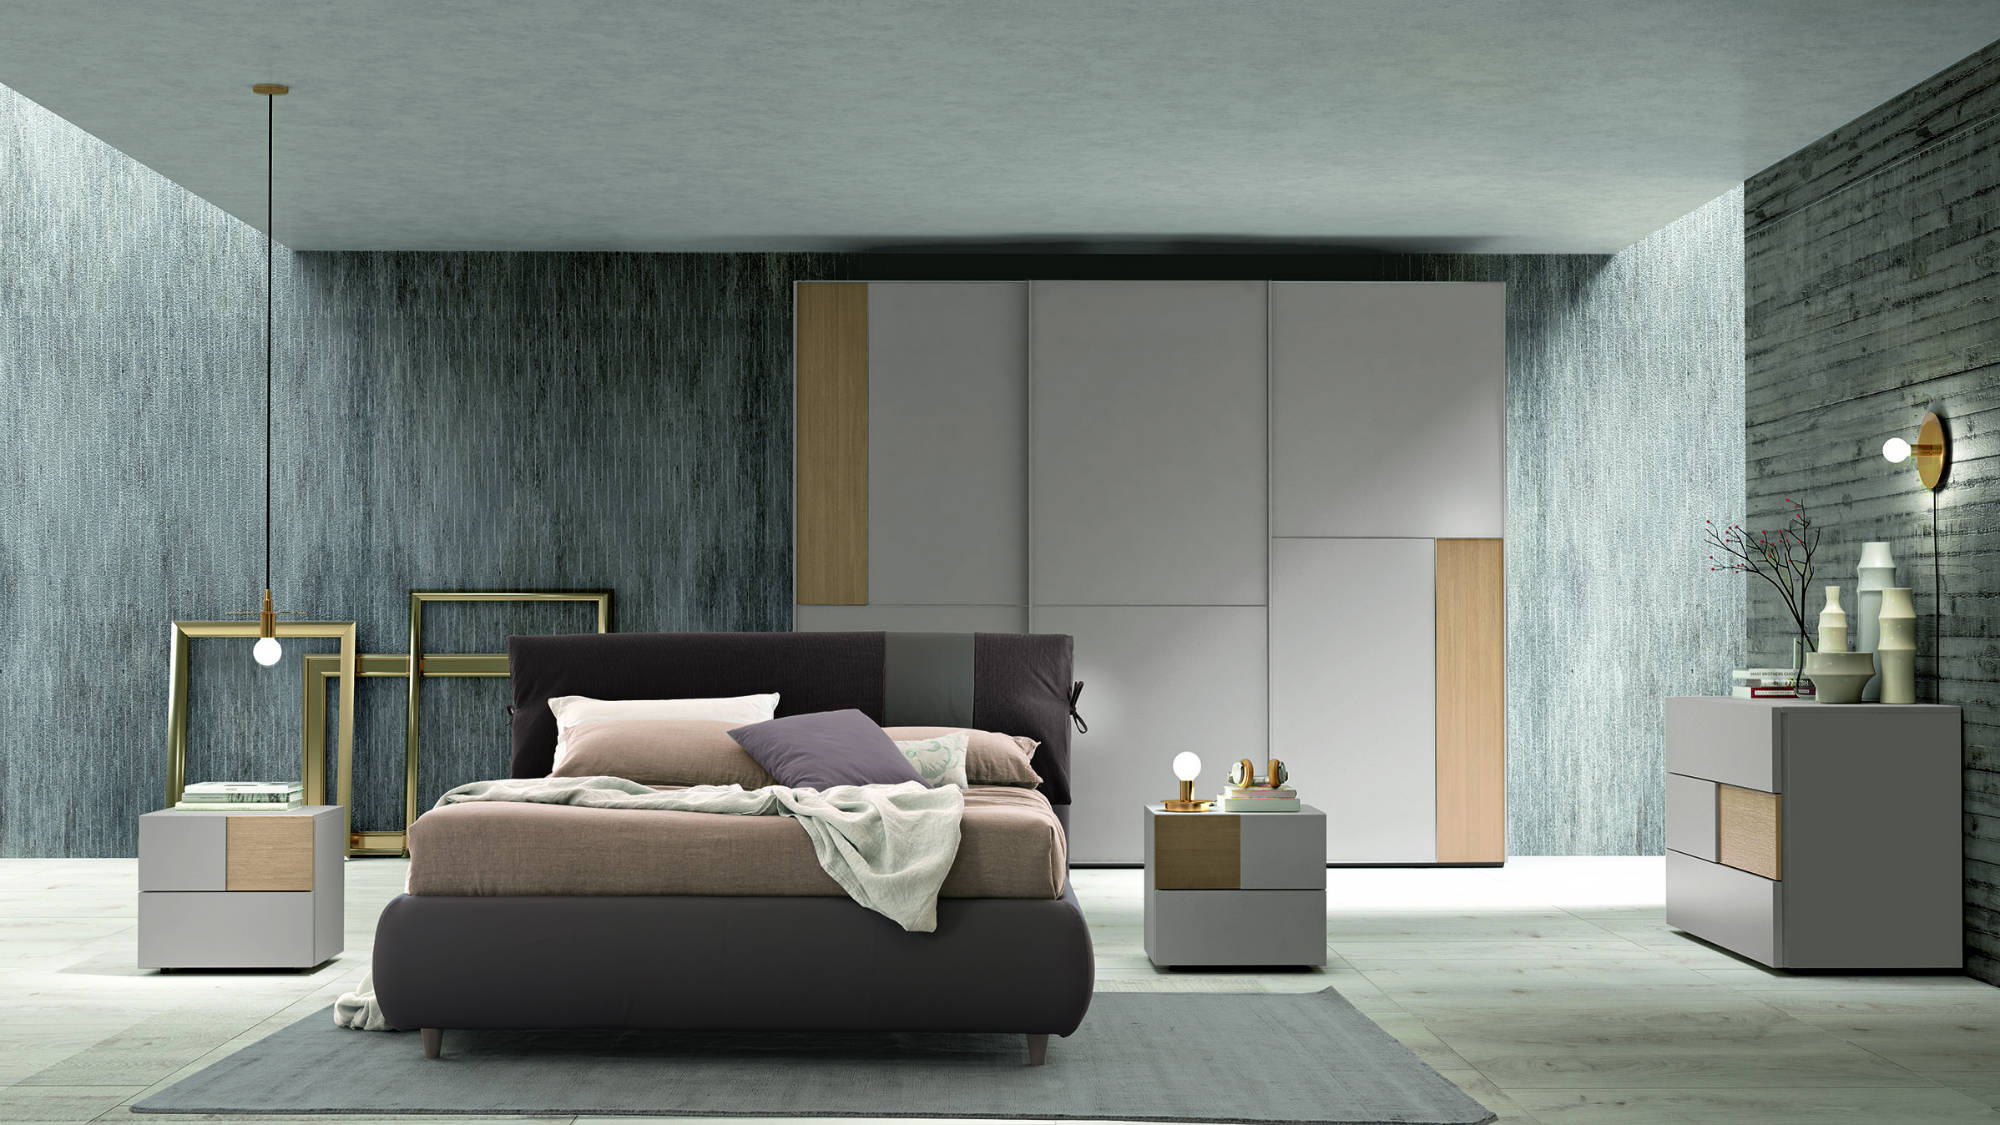 Camere da letto quarrata arredamenti michelozzi for Camere matrimoniali complete